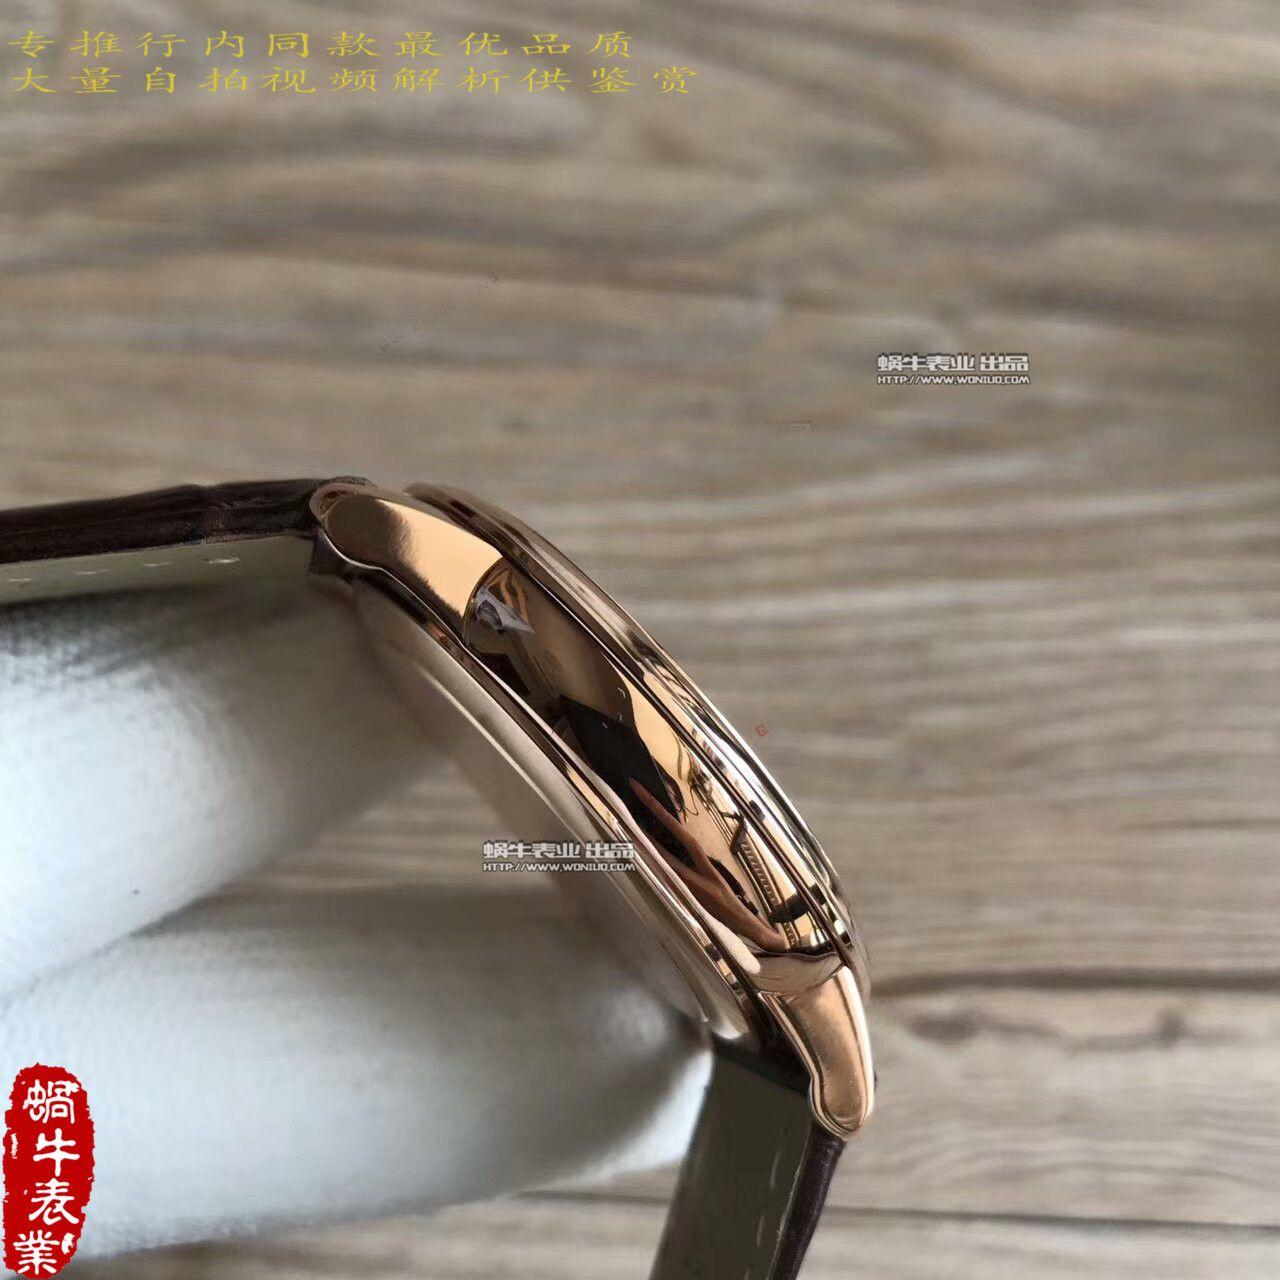 【MK厂超A高仿手表】欧米茄碟飞系列424.53.40.20.02.001腕表 / M190